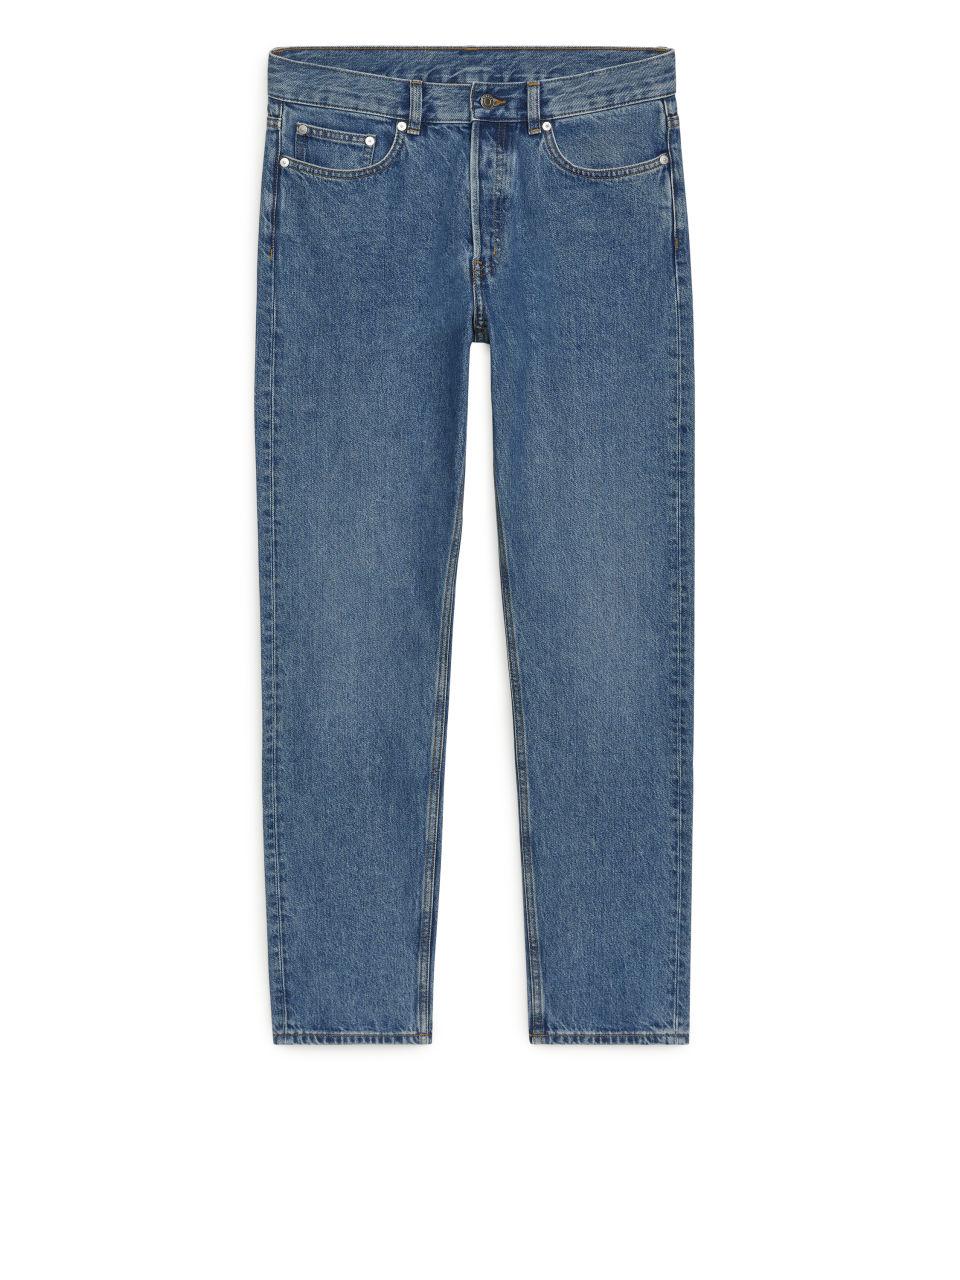 REGULAR Mid Wash Jeans - Blue